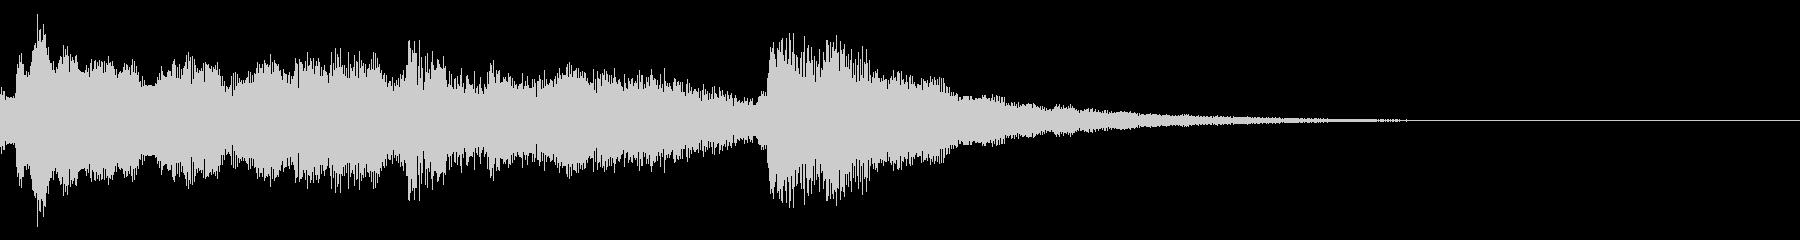 キラキラベルのおやすみジングルの未再生の波形